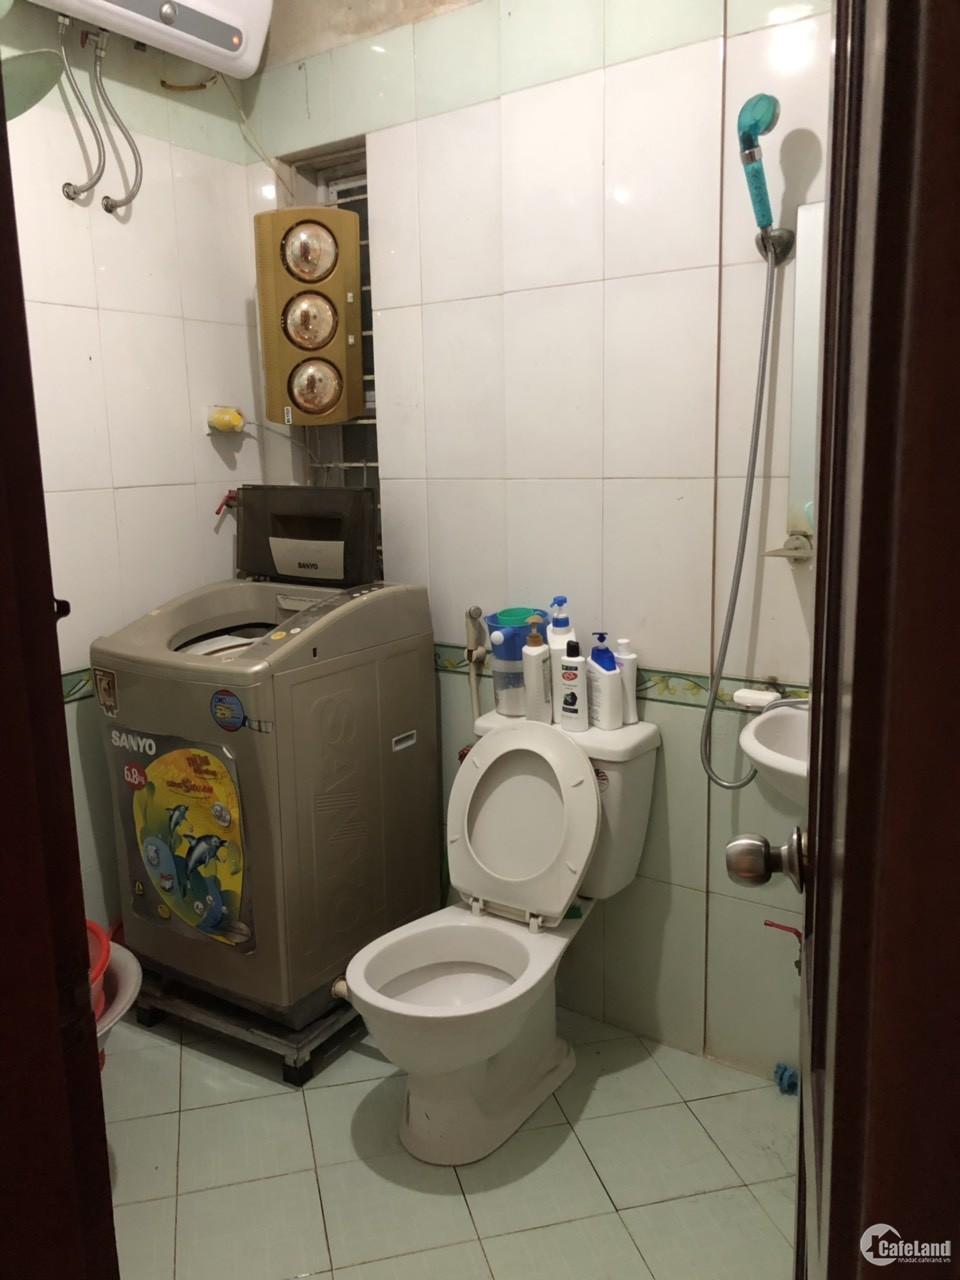 Bán căn hộ mini tại 105 Trần Quốc Vượng, quận Cầu Giấy, giá tốt